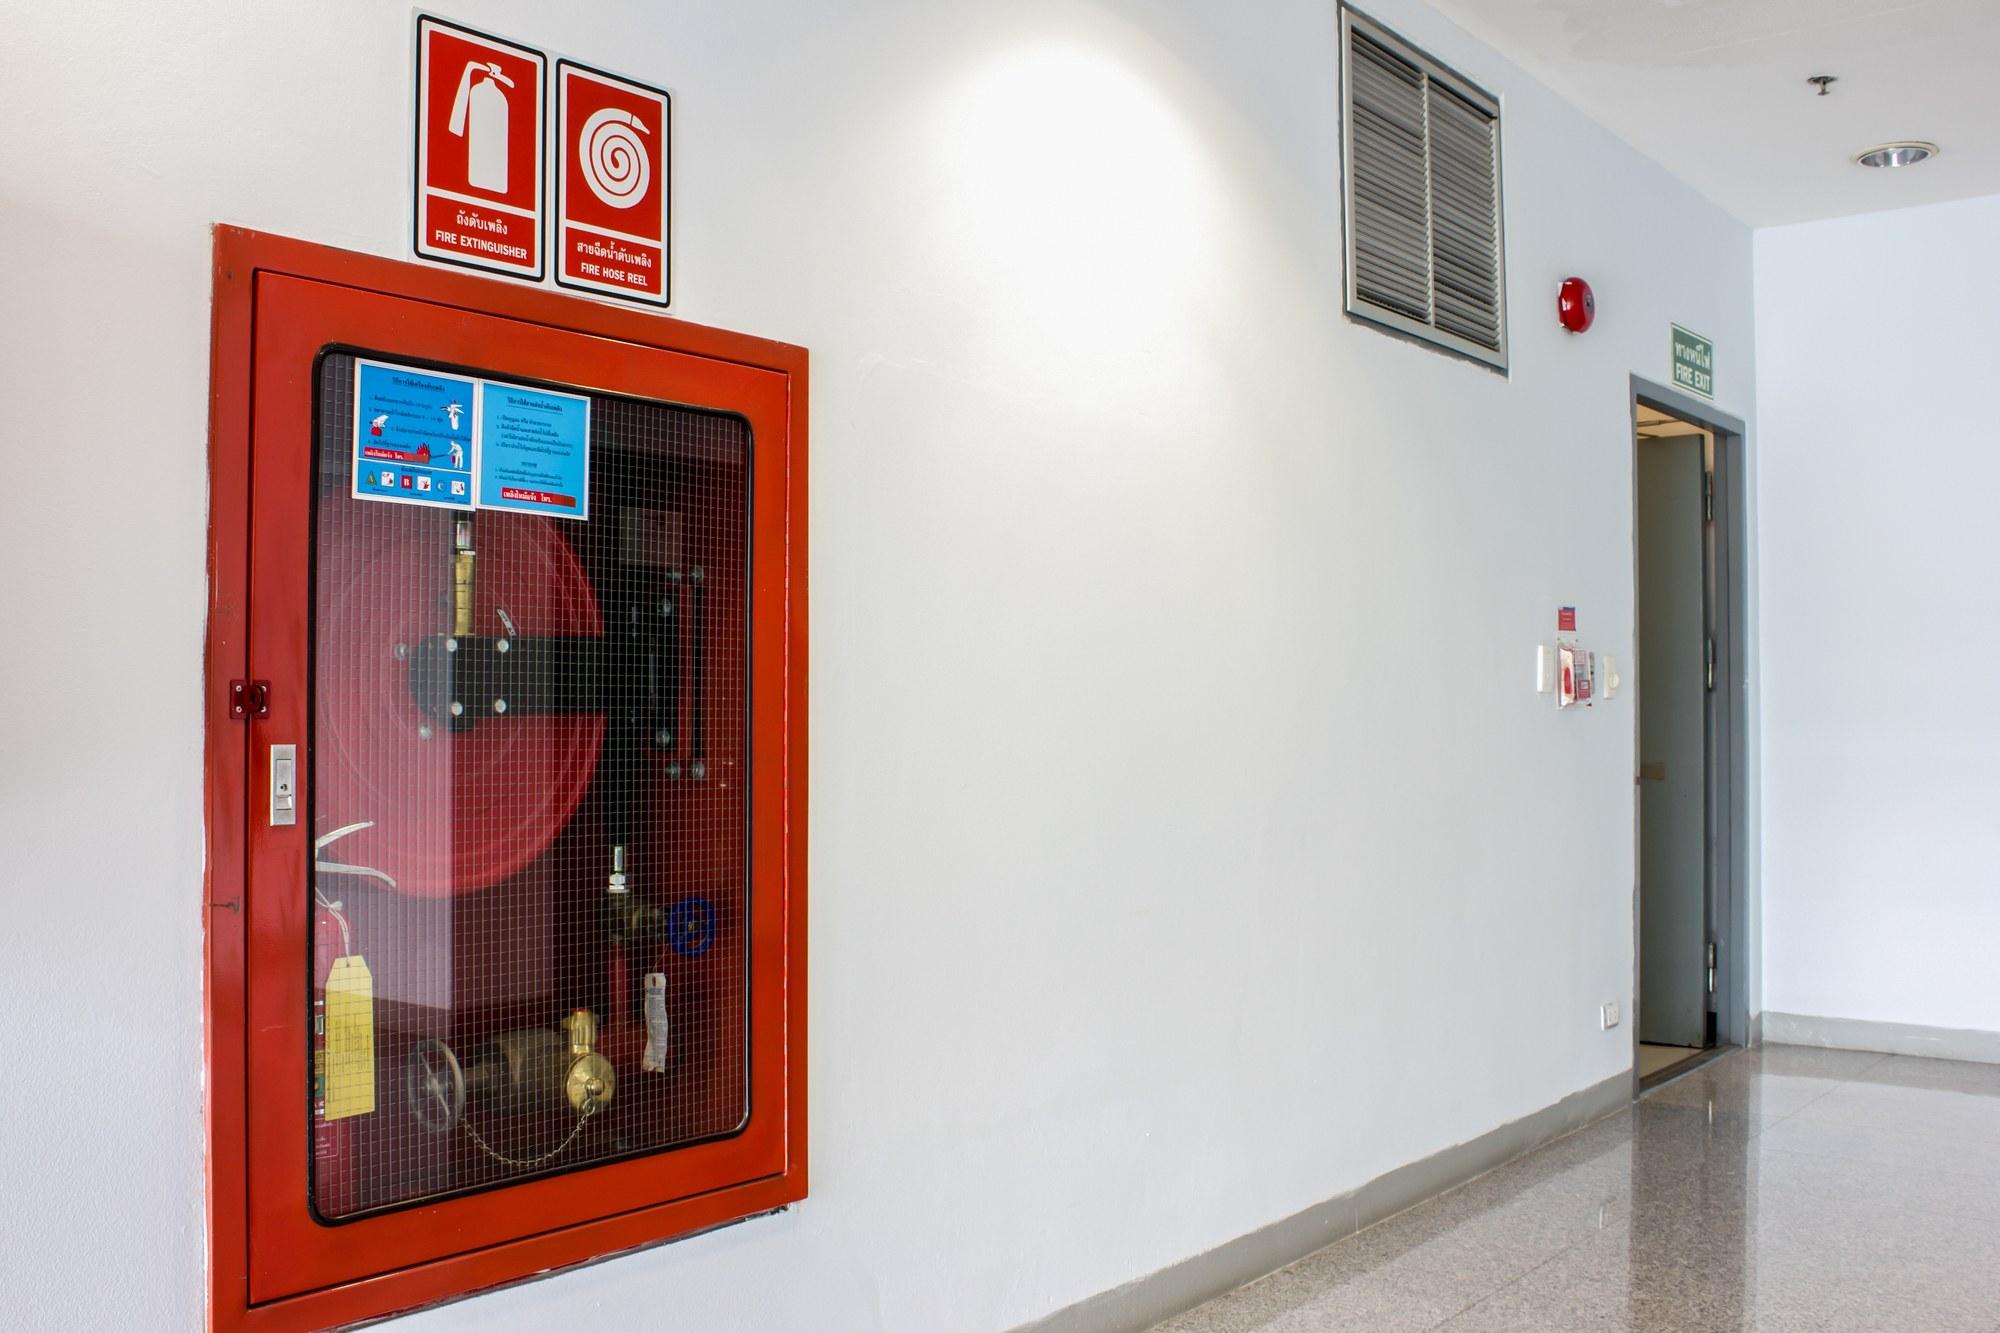 Brandsicherheit garbsen, Brandschutz, Brandwache, Sicherheitsdienst, Brandsicherheitswache in Frankfurt und Umgebung